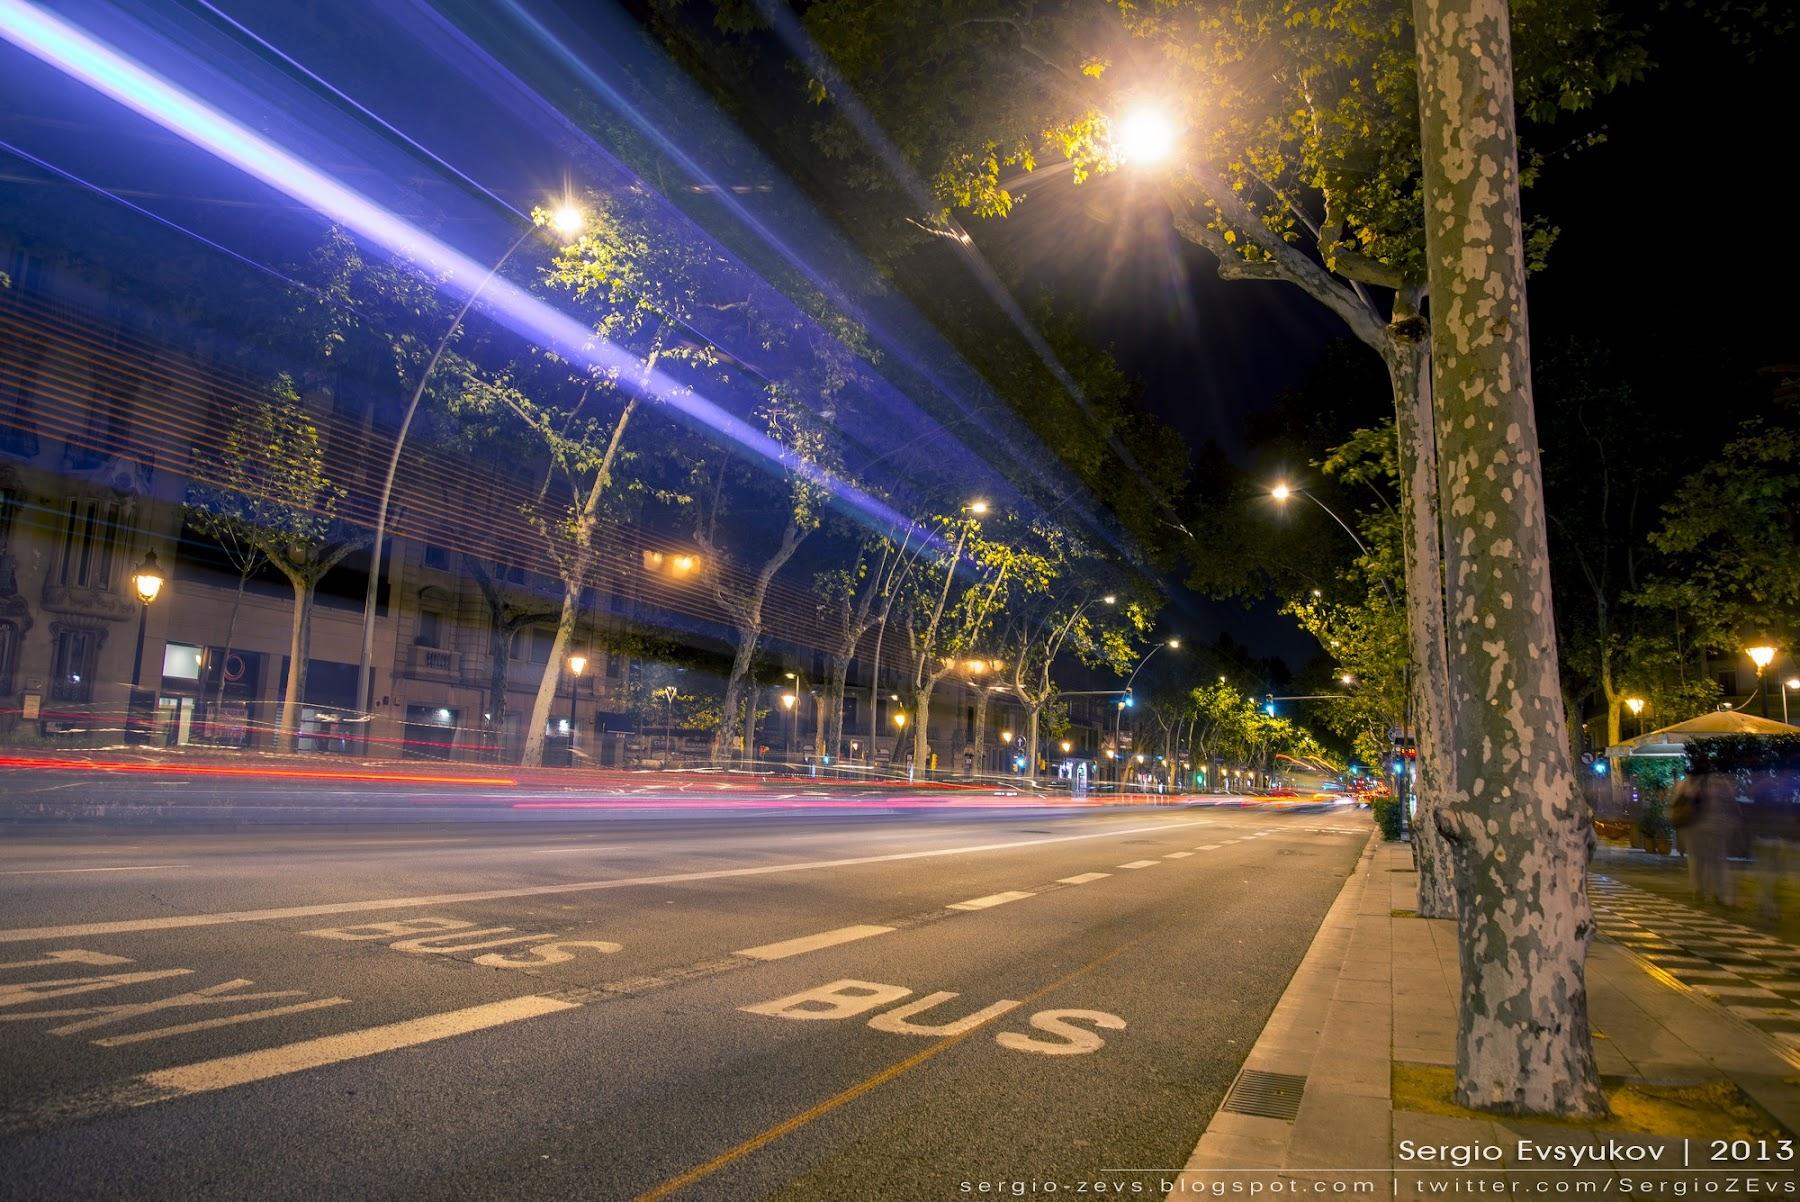 Gran Via de les Corts Catalanes at night